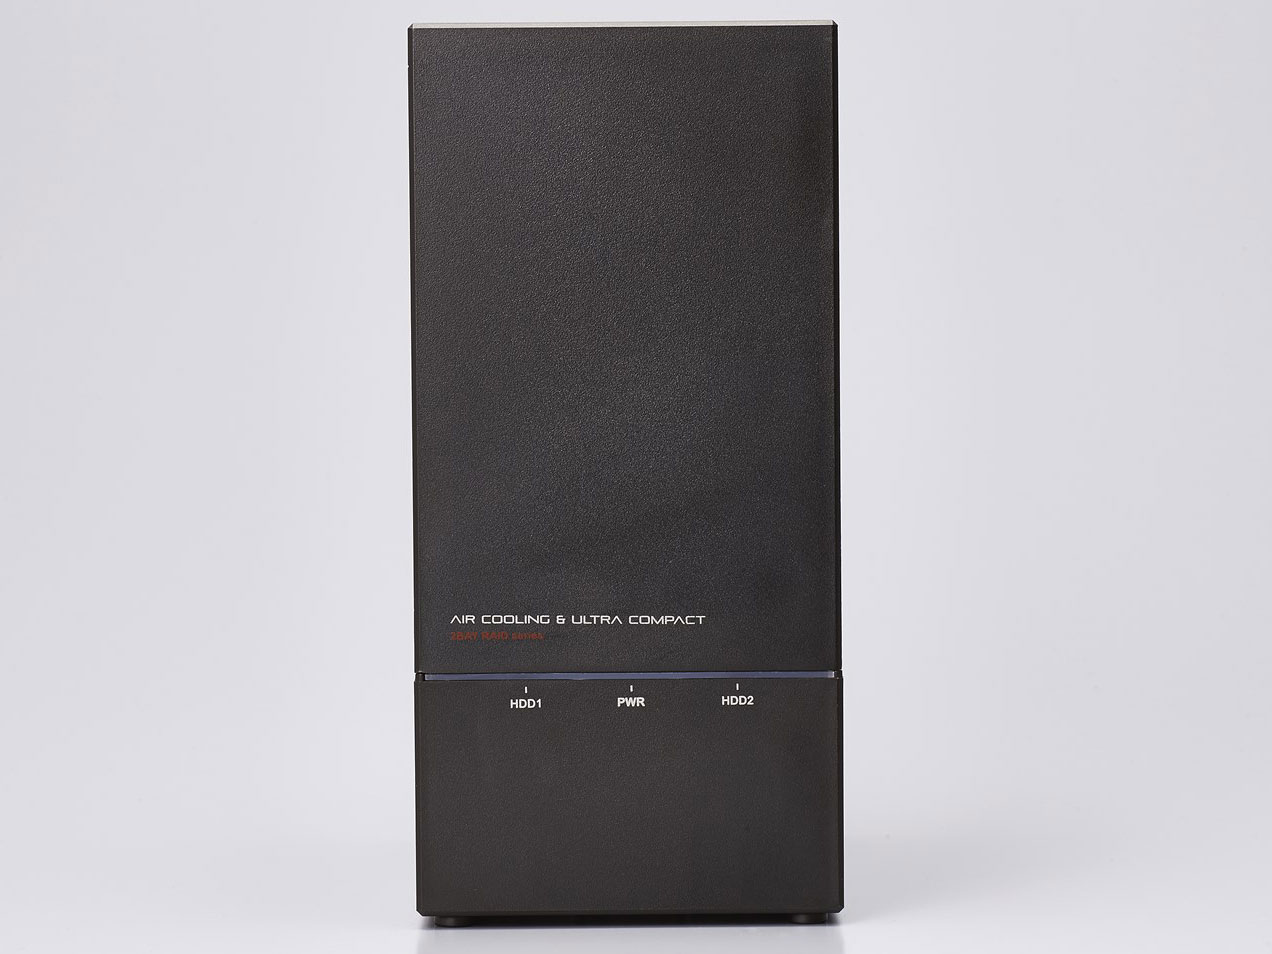 LGB-2BRHU3 [ブラック] の製品画像